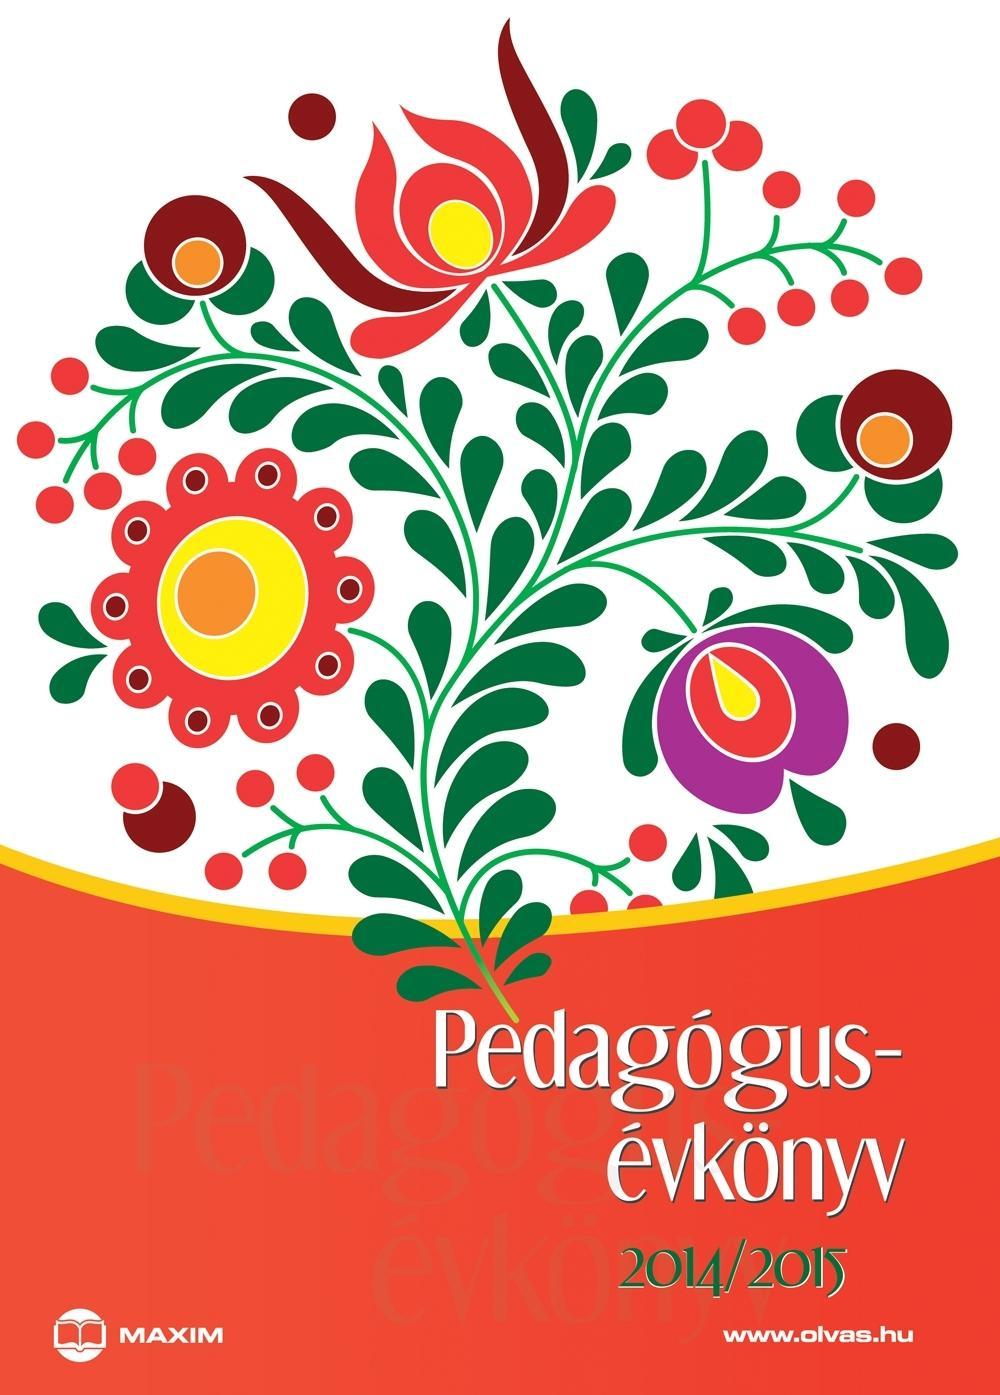 PEDAGÓGUS-ÉVKÖNYV 2014/2015